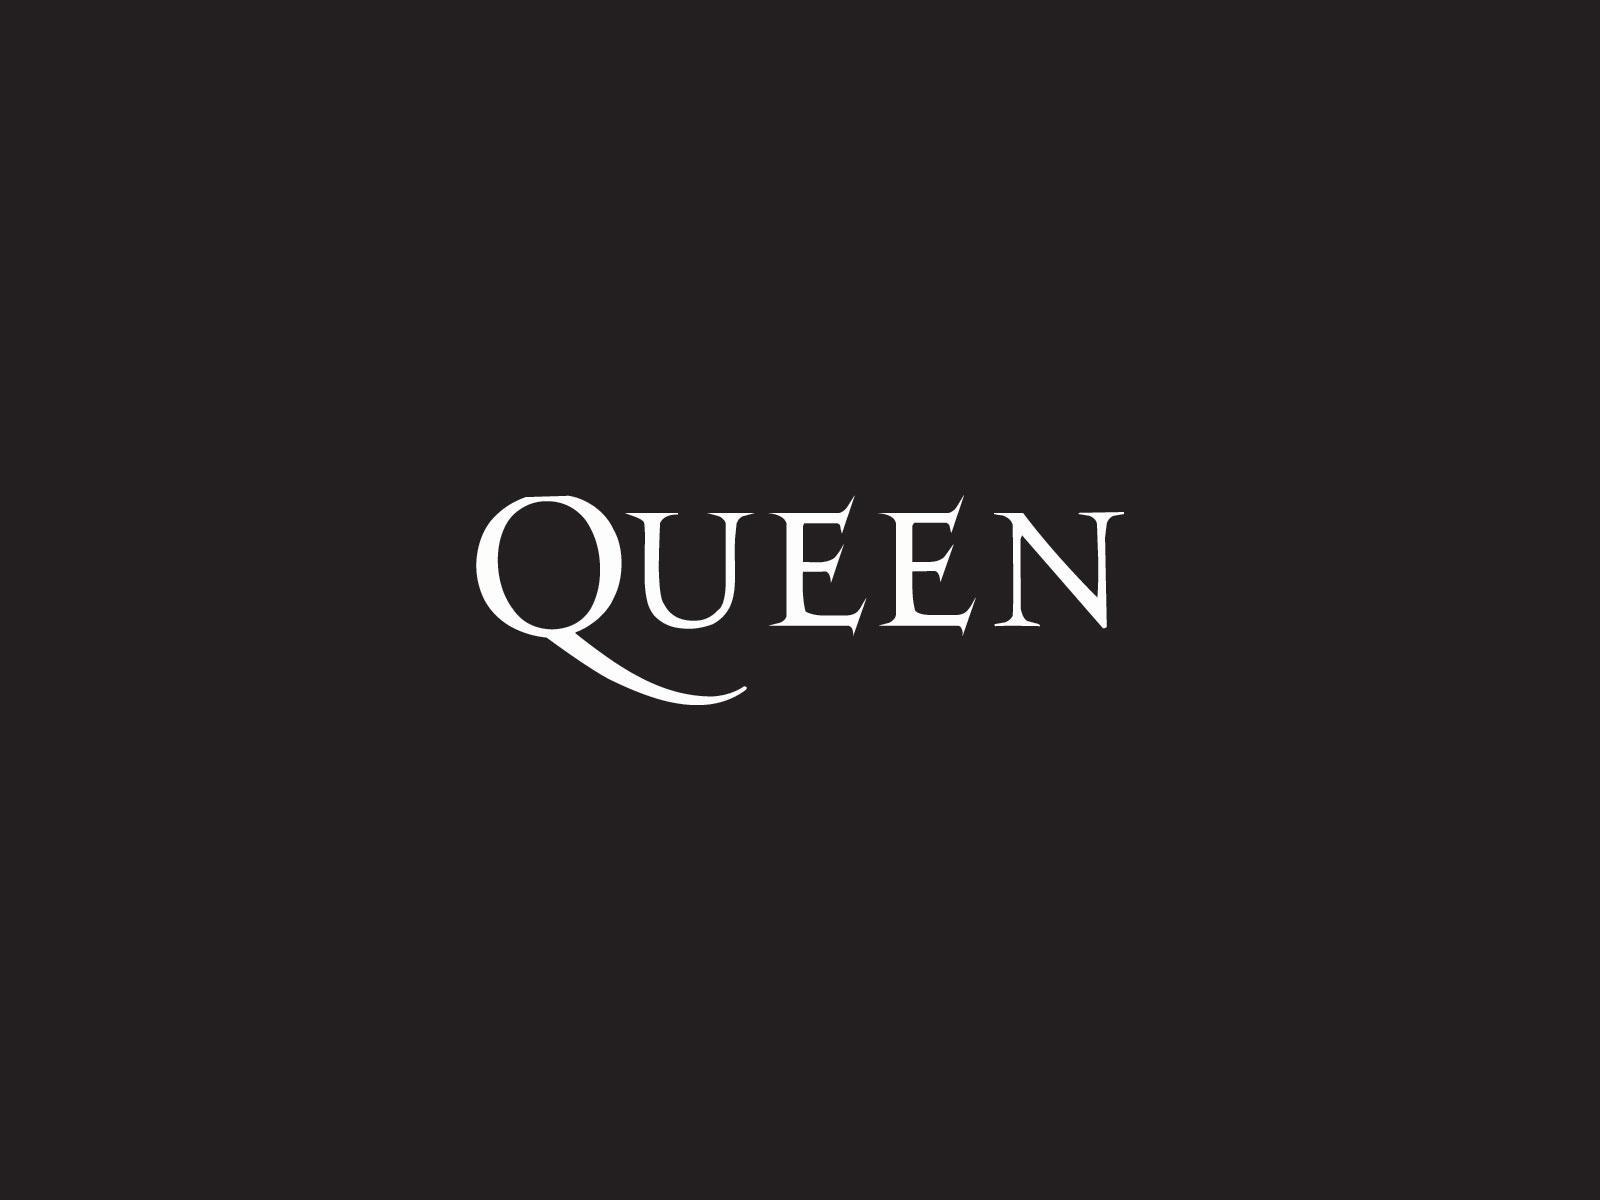 Black Queen Wallpapers Wallpaper Cave